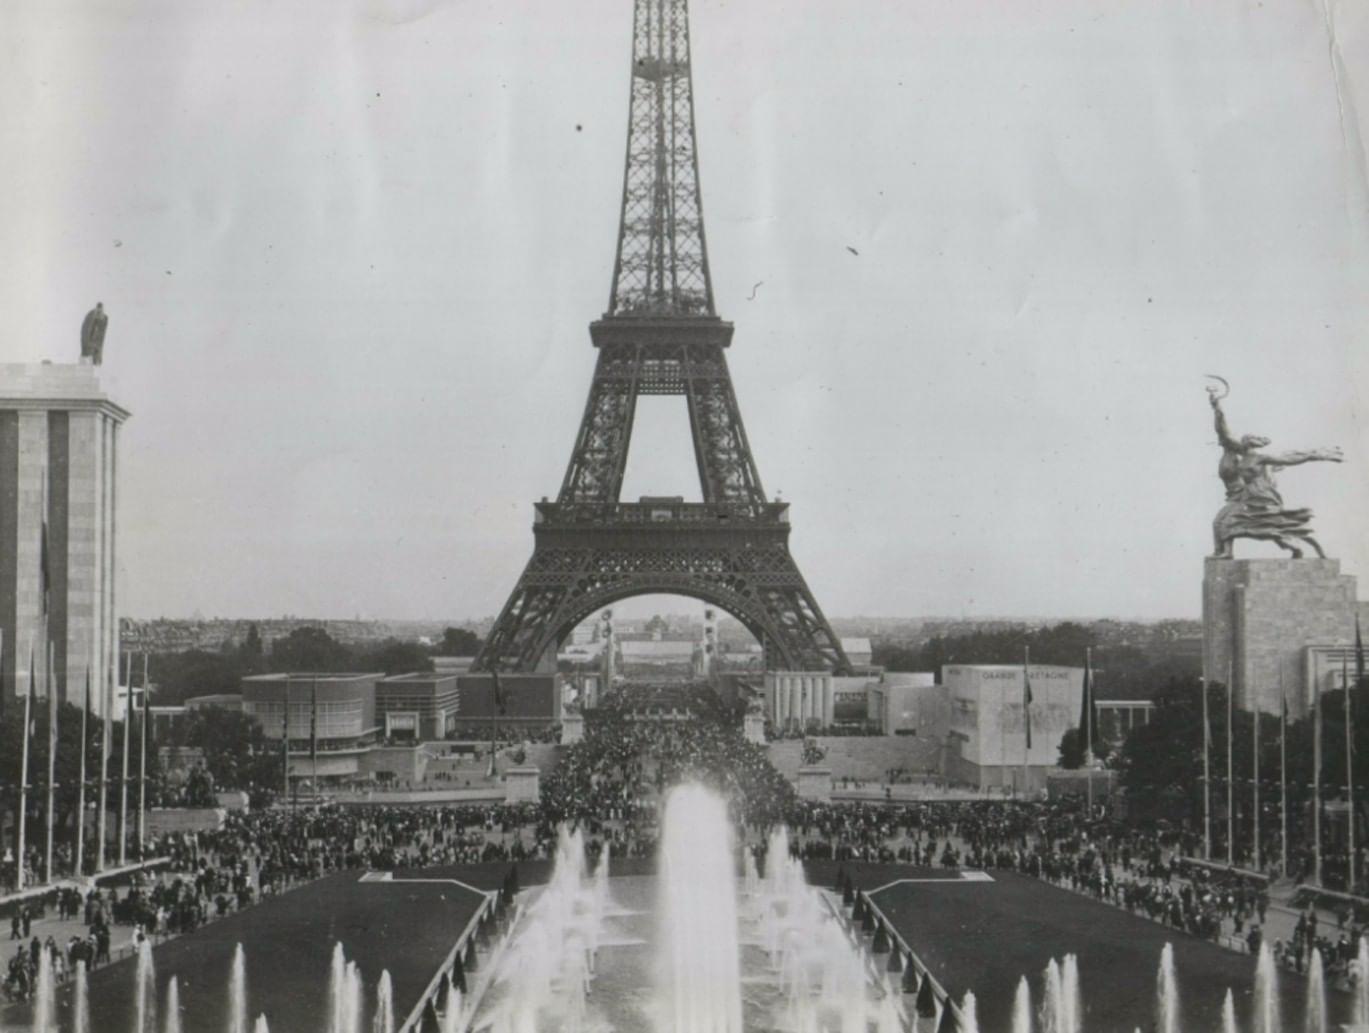 Всемирная выставка искусств и техники в Париже. 1837. Фотография: photochronograph.ru